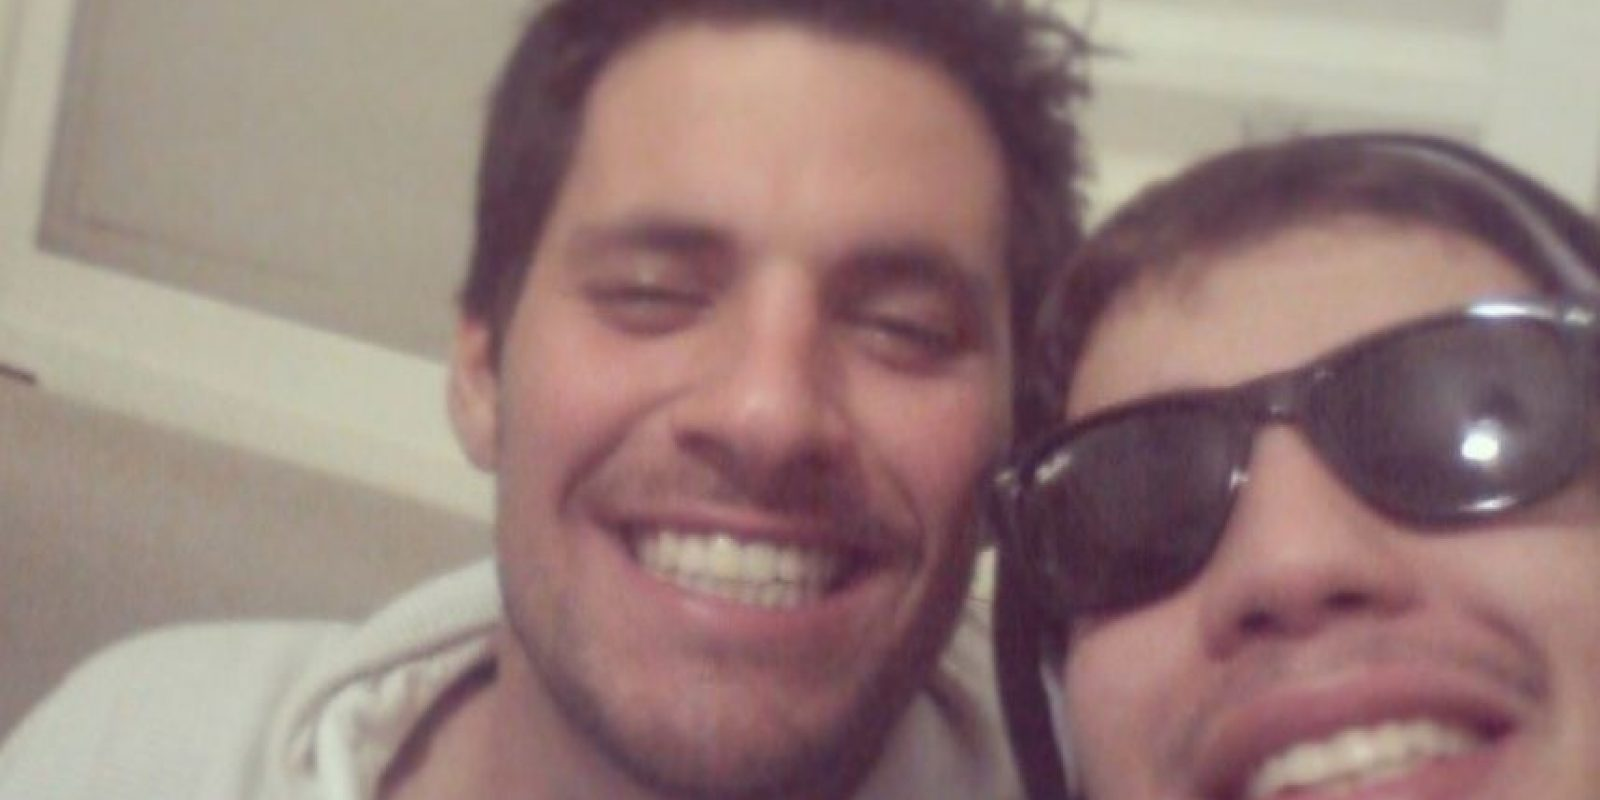 Humberto Moura Fonseca afirmó en su Facebook que prefería morir por alcohol que por aburrimiento y no fueron palabras ominosas. El joven brasileño, luego de tomar 25 shots de vodka, quedó prácticamente inconsciente. Foto:Facebook